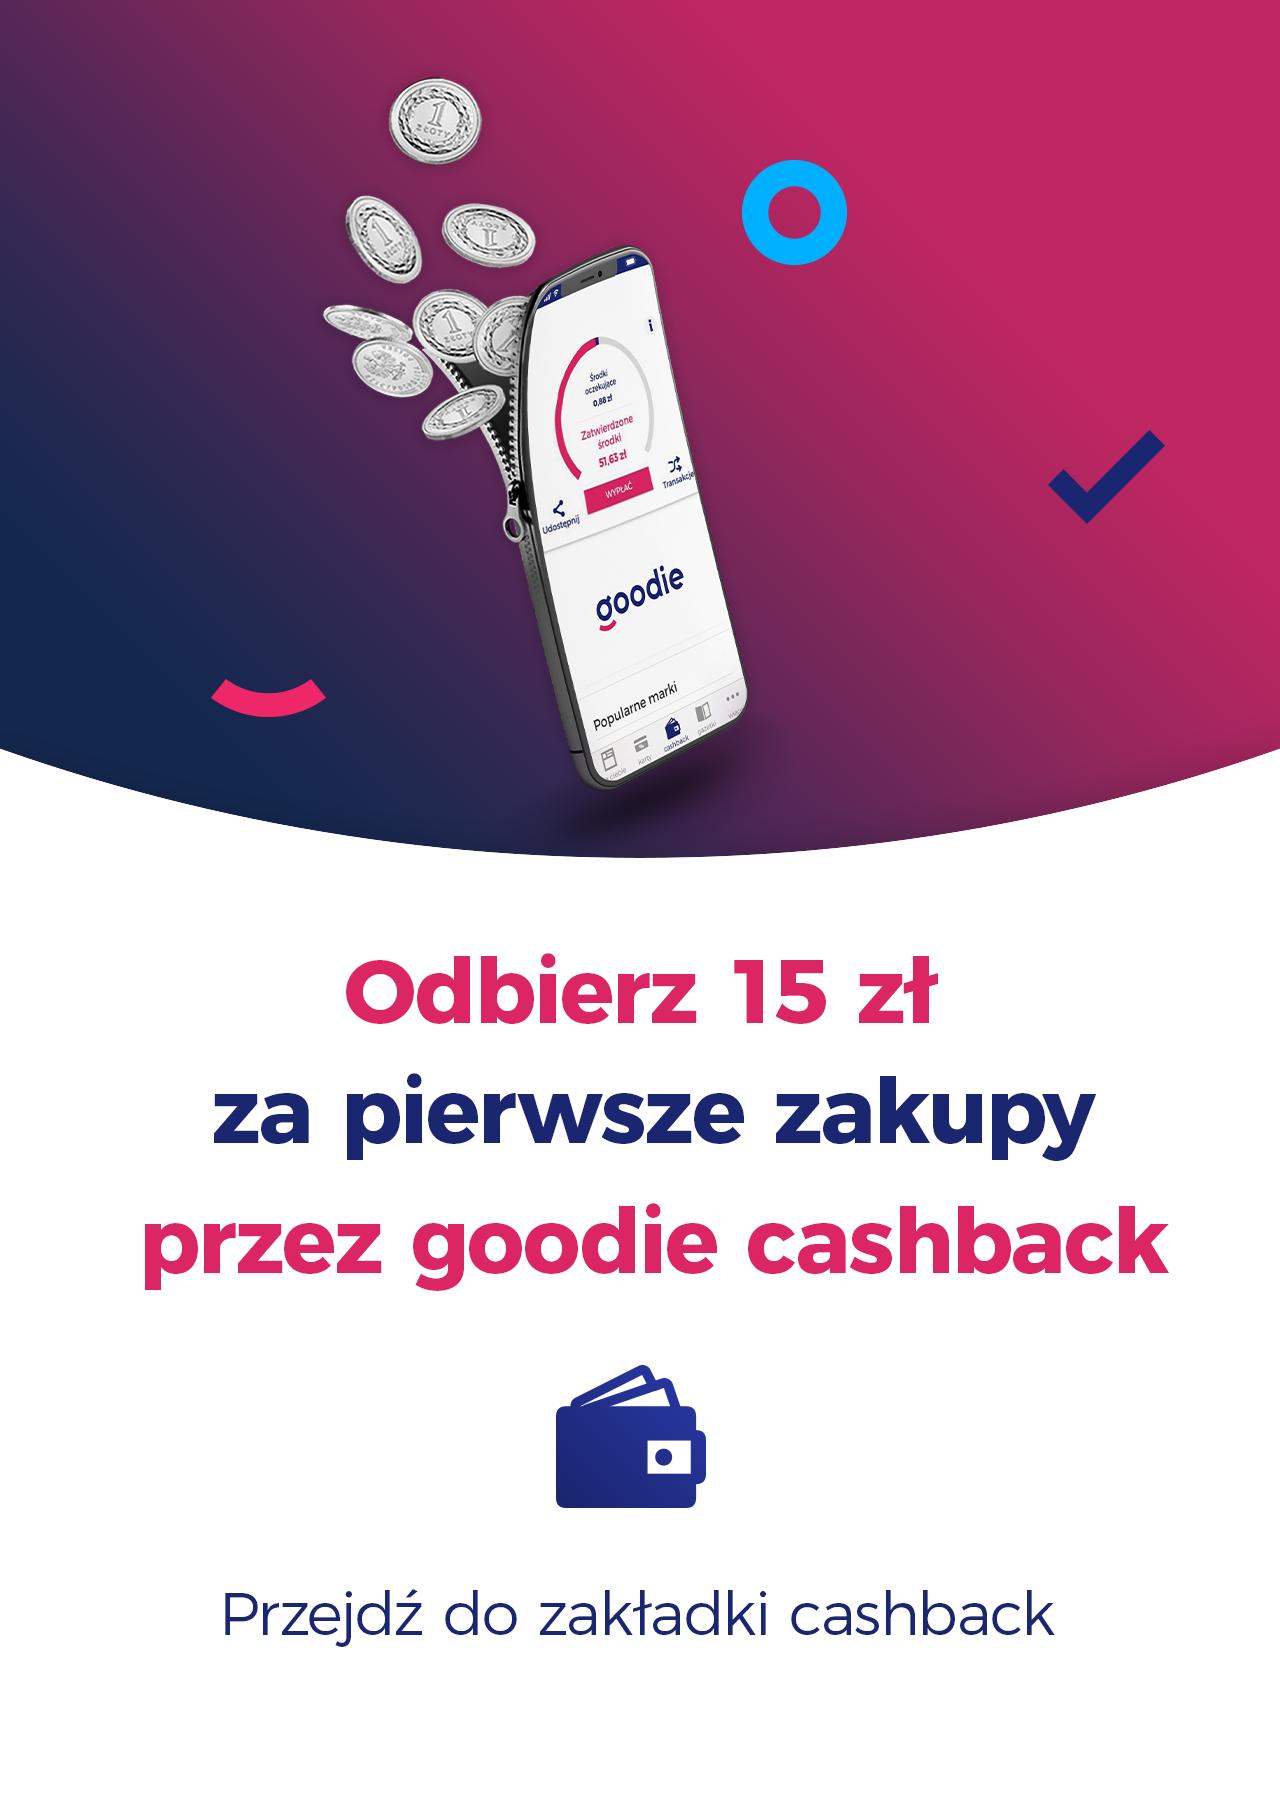 Gazetka Netto - Oferta spożywcza-22.03.2020-28.03.2020-page-6